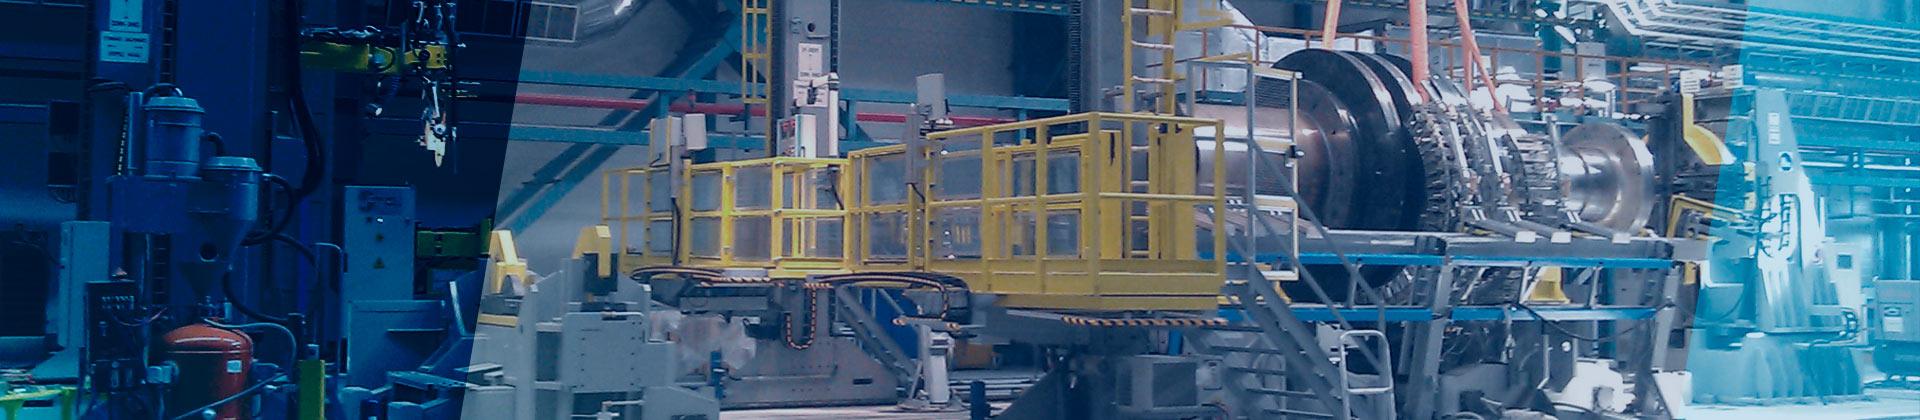 progettazione e costruzioni impianti settore energia